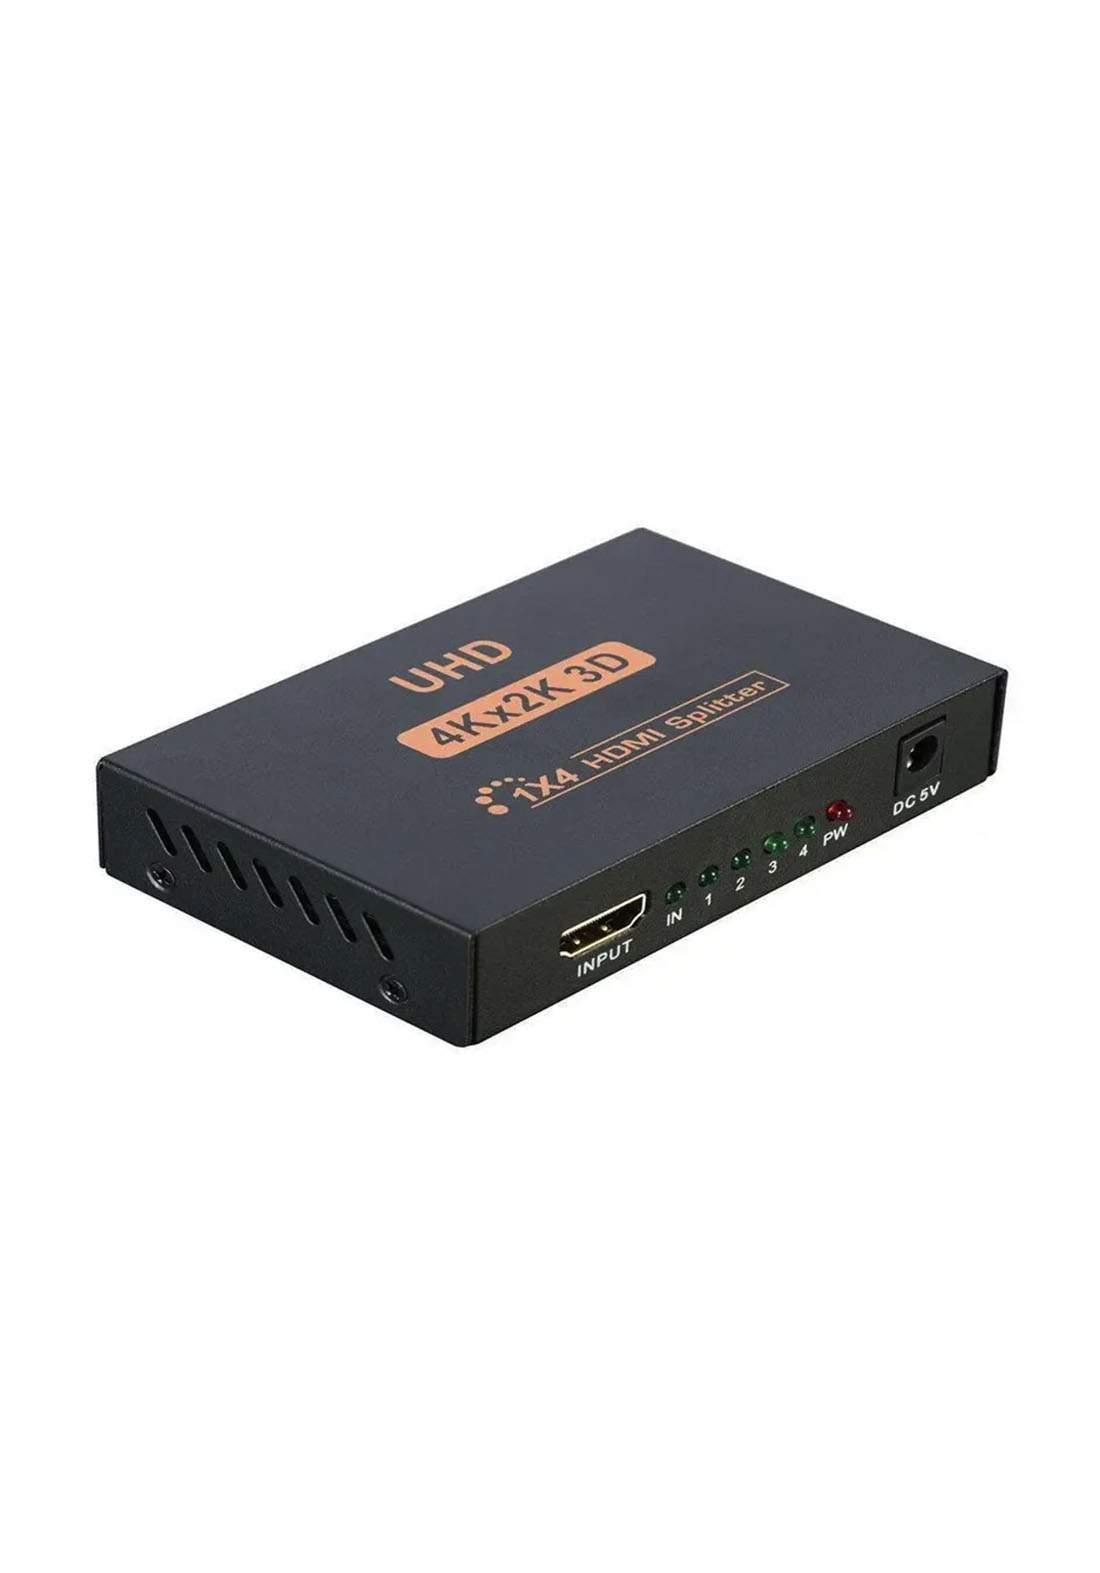 HDMI Splitter 4 Port 1 x 4 Mirror Screen 4K Metal Box - Black